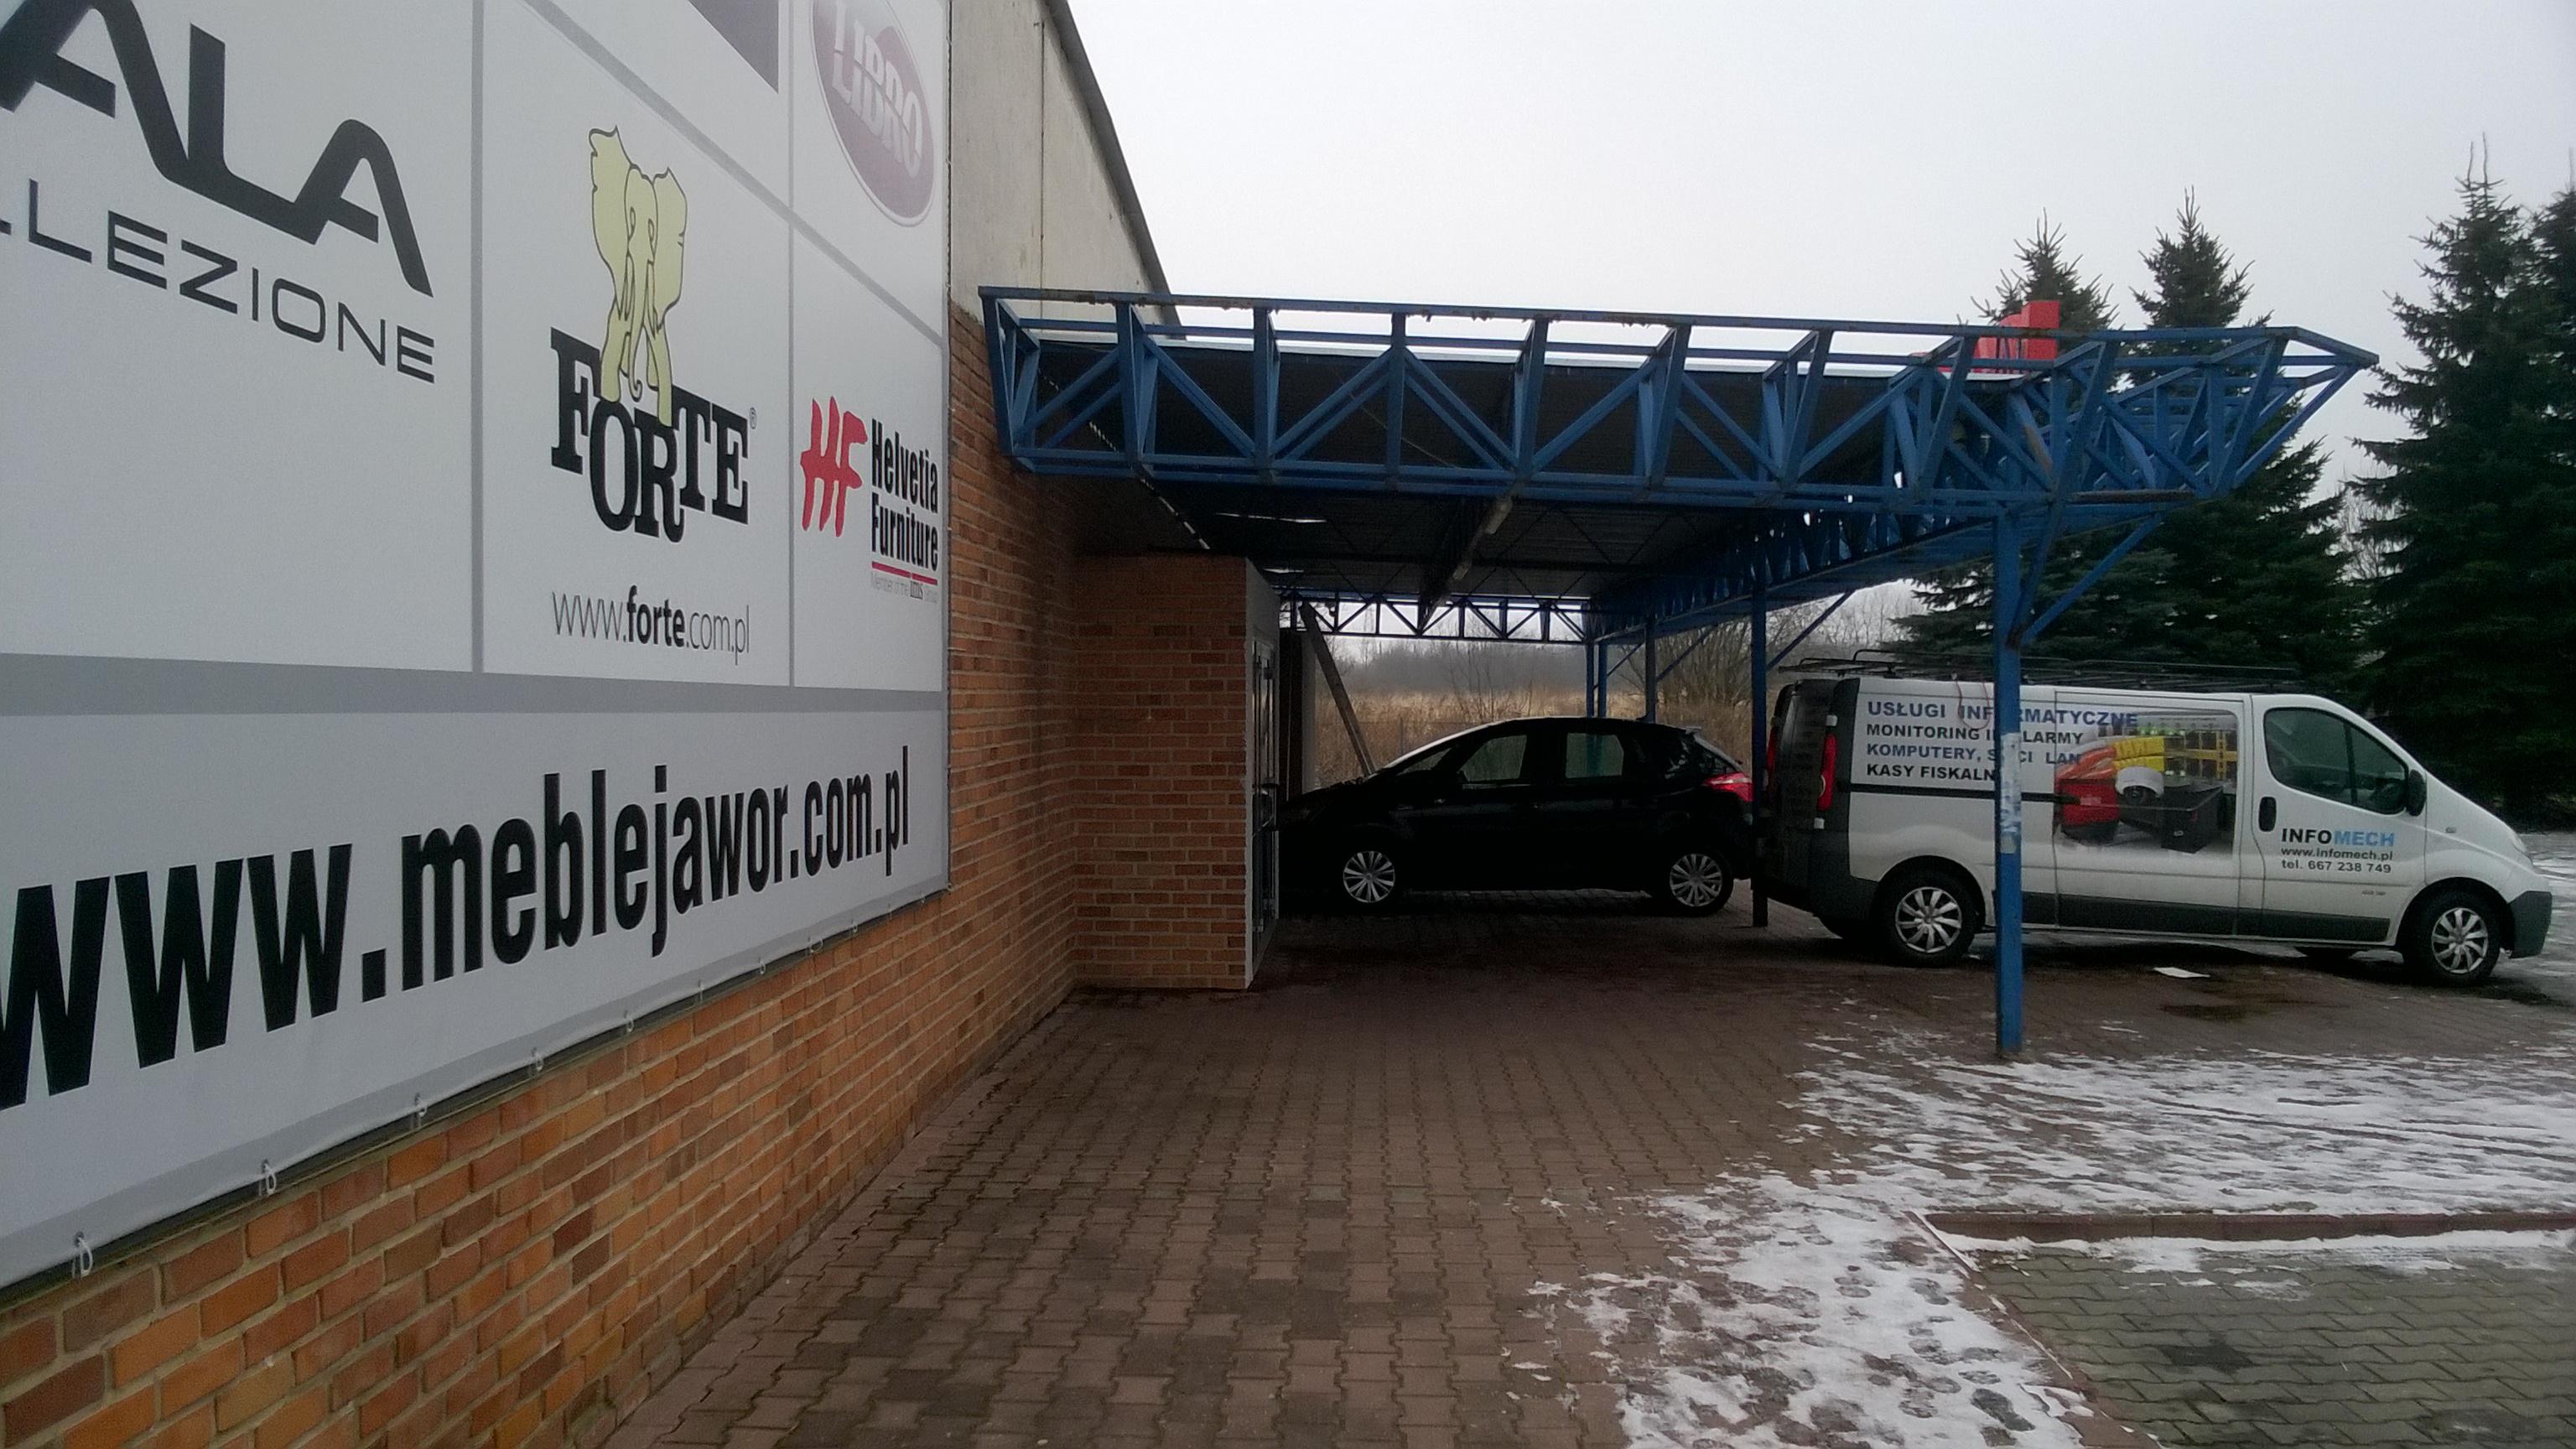 Wykonaliśmy monitoring sklepu meblowego Jawor w Zamościu - Monitoring Zamość, Monitoring Biłgoraj